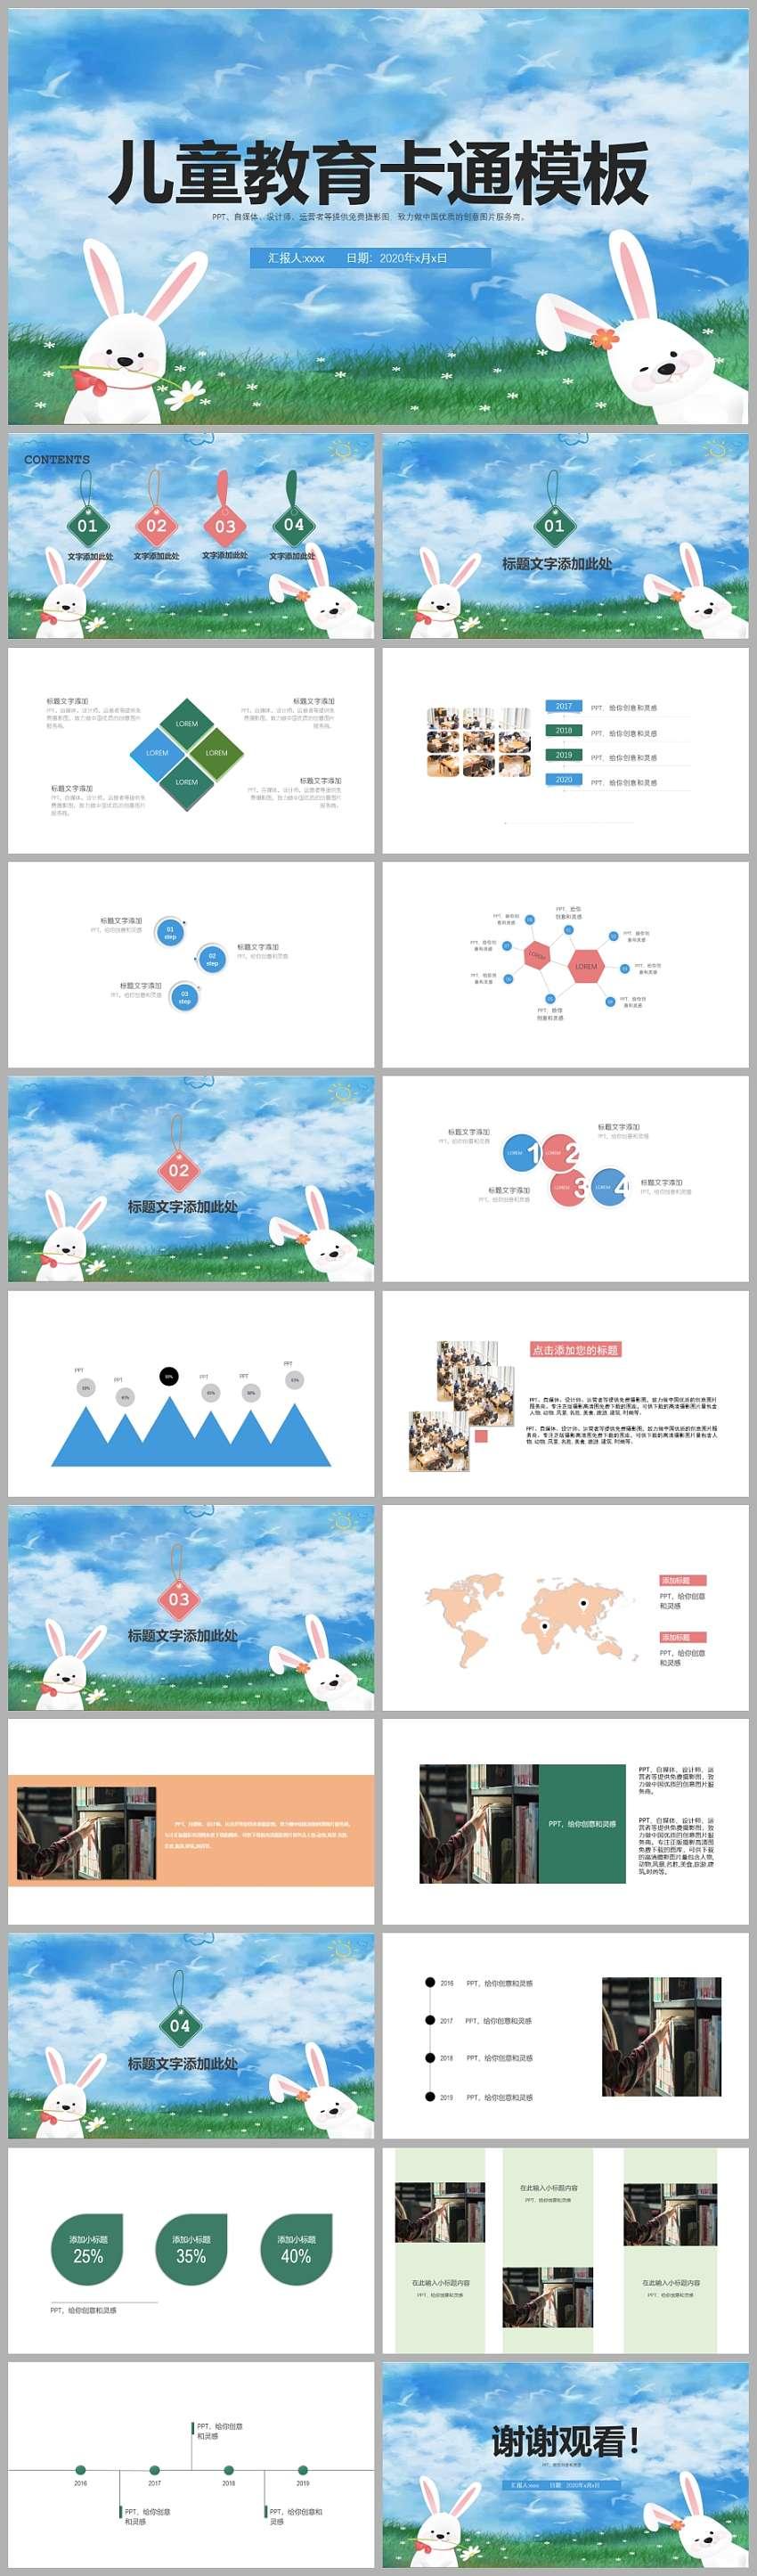 儿童教育卡通PPT模板